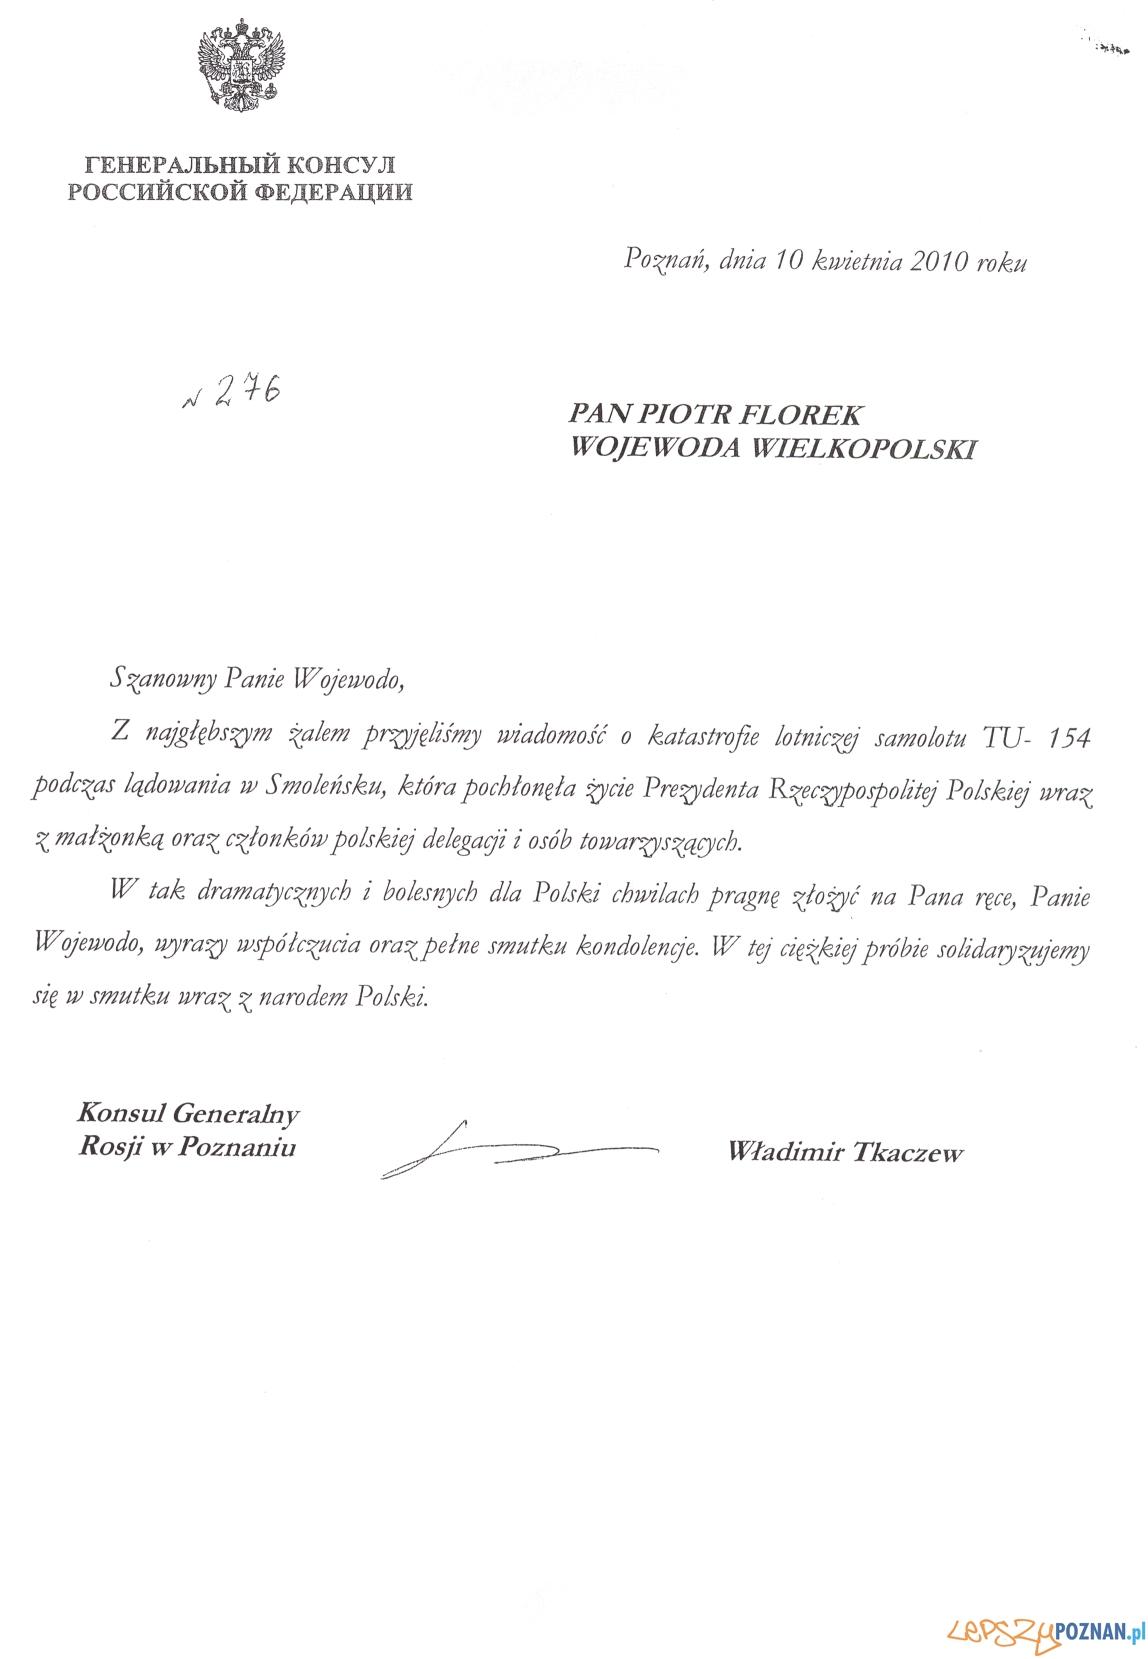 kondolencja Rosja  Foto: